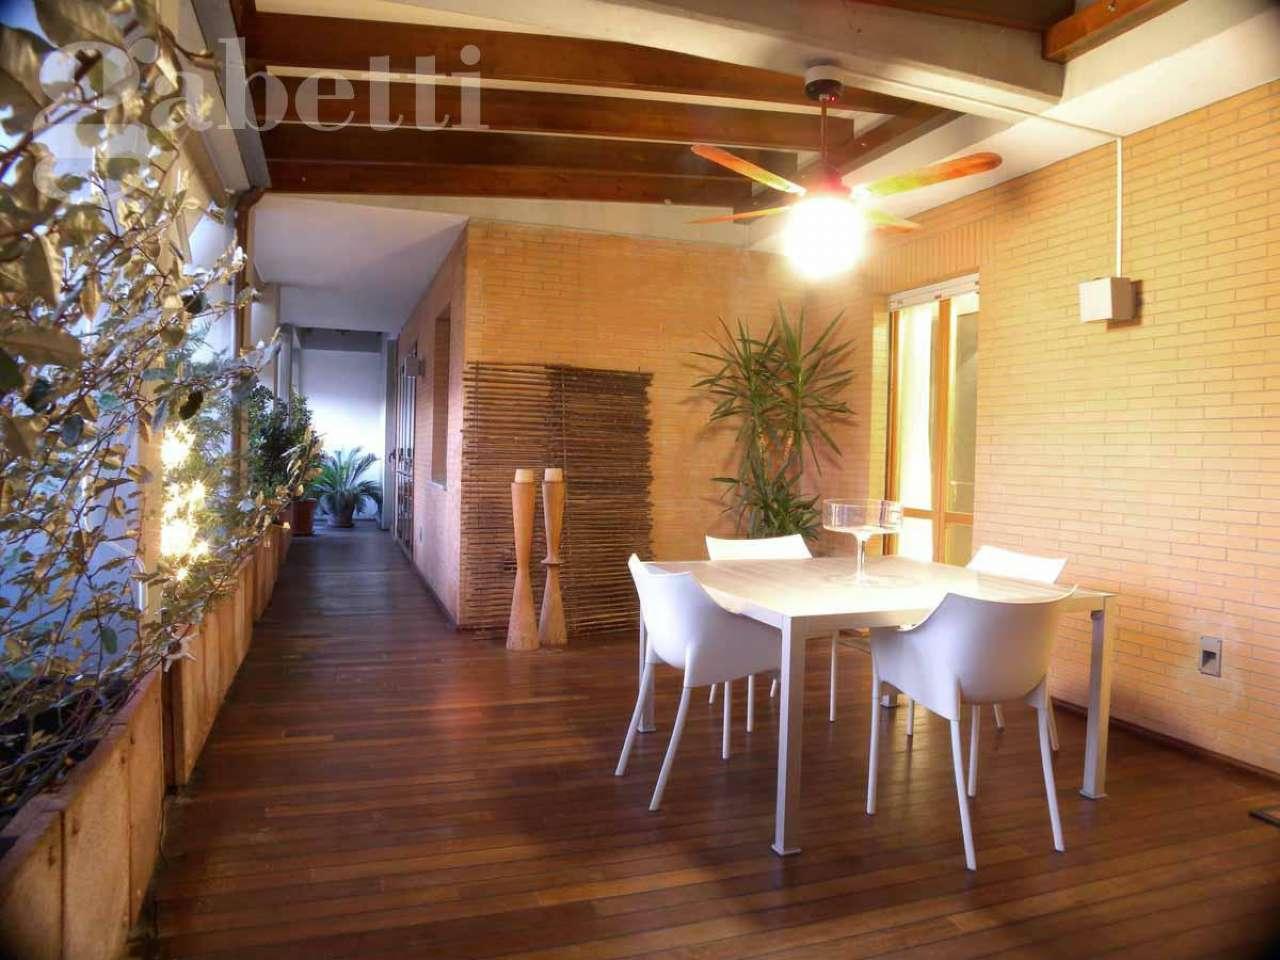 Attico / Mansarda in vendita a Senigallia, 5 locali, prezzo € 450.000 | CambioCasa.it